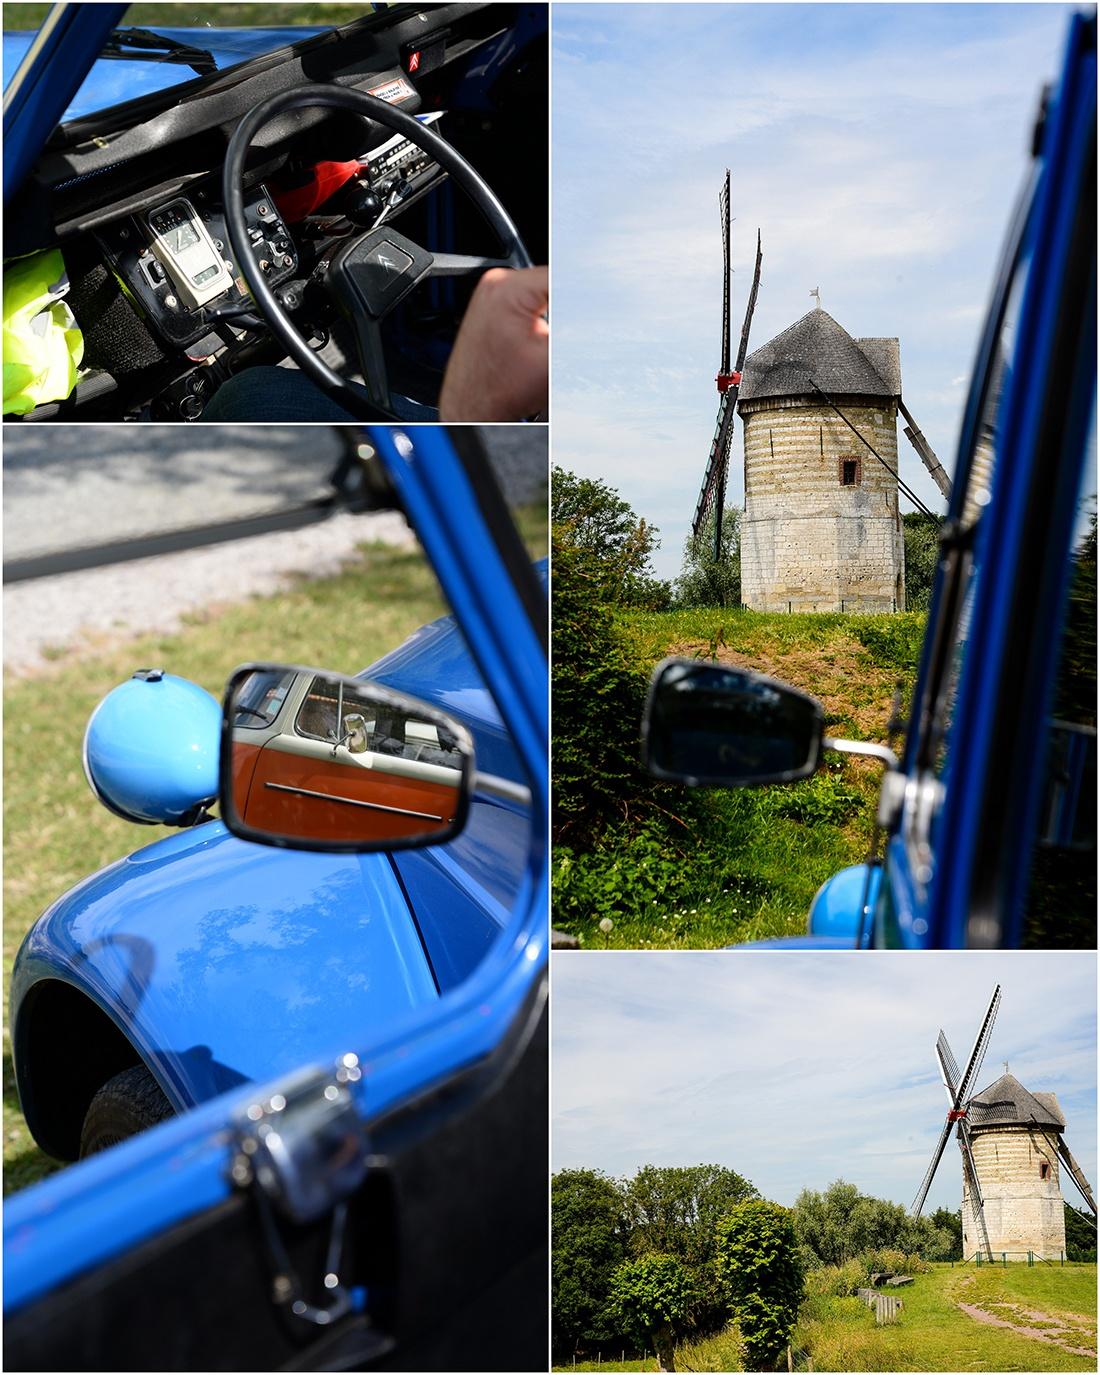 Balade avec les belles échappées, autour de Saint-Omer, Clairmarais, route 62